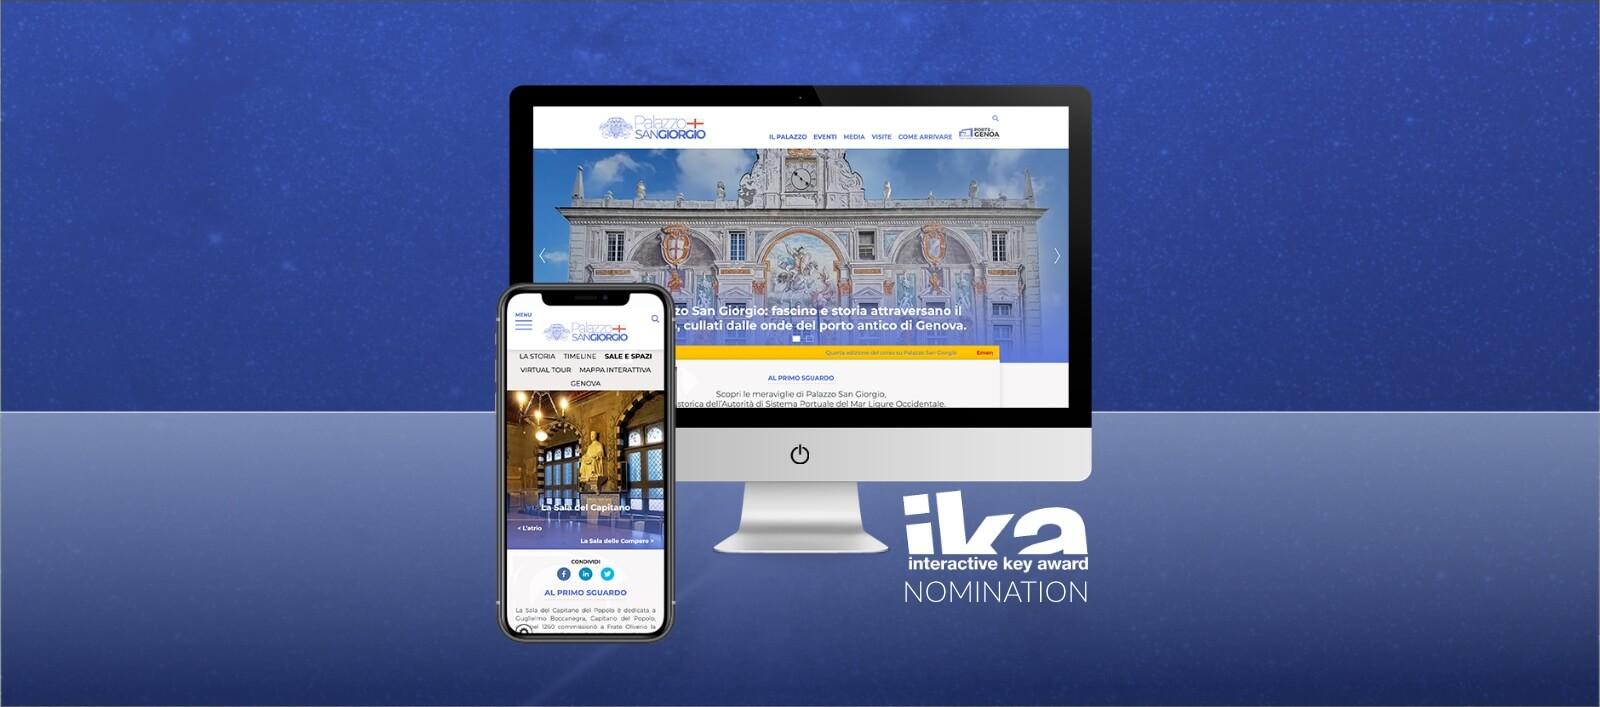 Arachno - Nomination agli Interactive Key Awards 2021 - SIto Palazzo San Giorgio